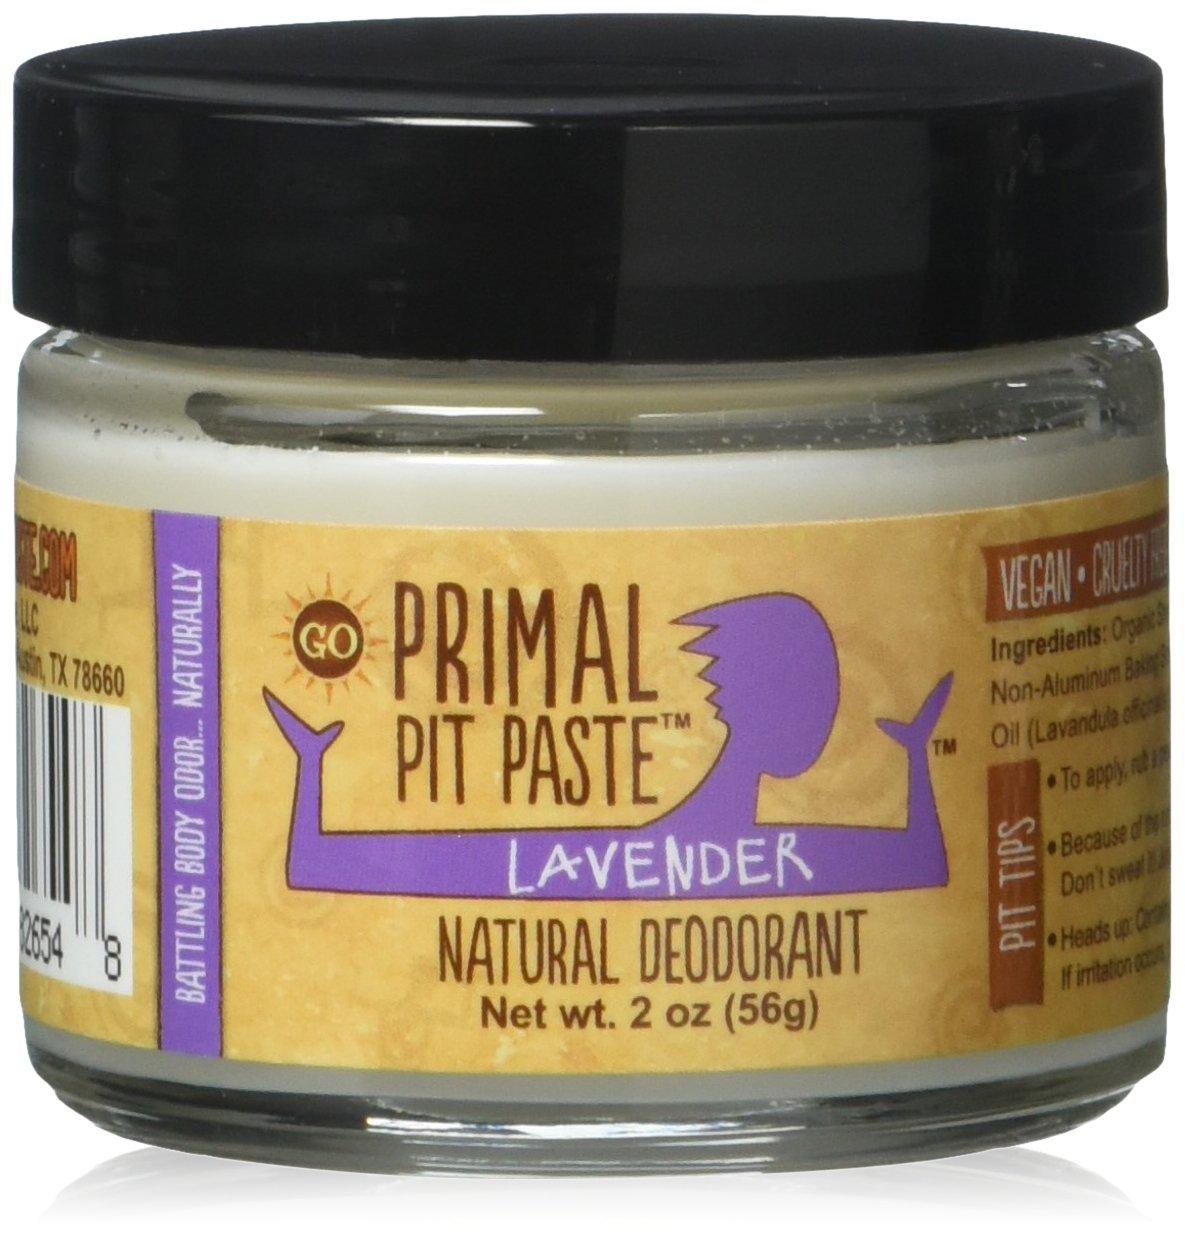 Primal Pit Paste Deodorant, 100% Natural, Aluminum, Paraben Free, No Added Fragrances, Lavender, 2 oz. JAR_LAV